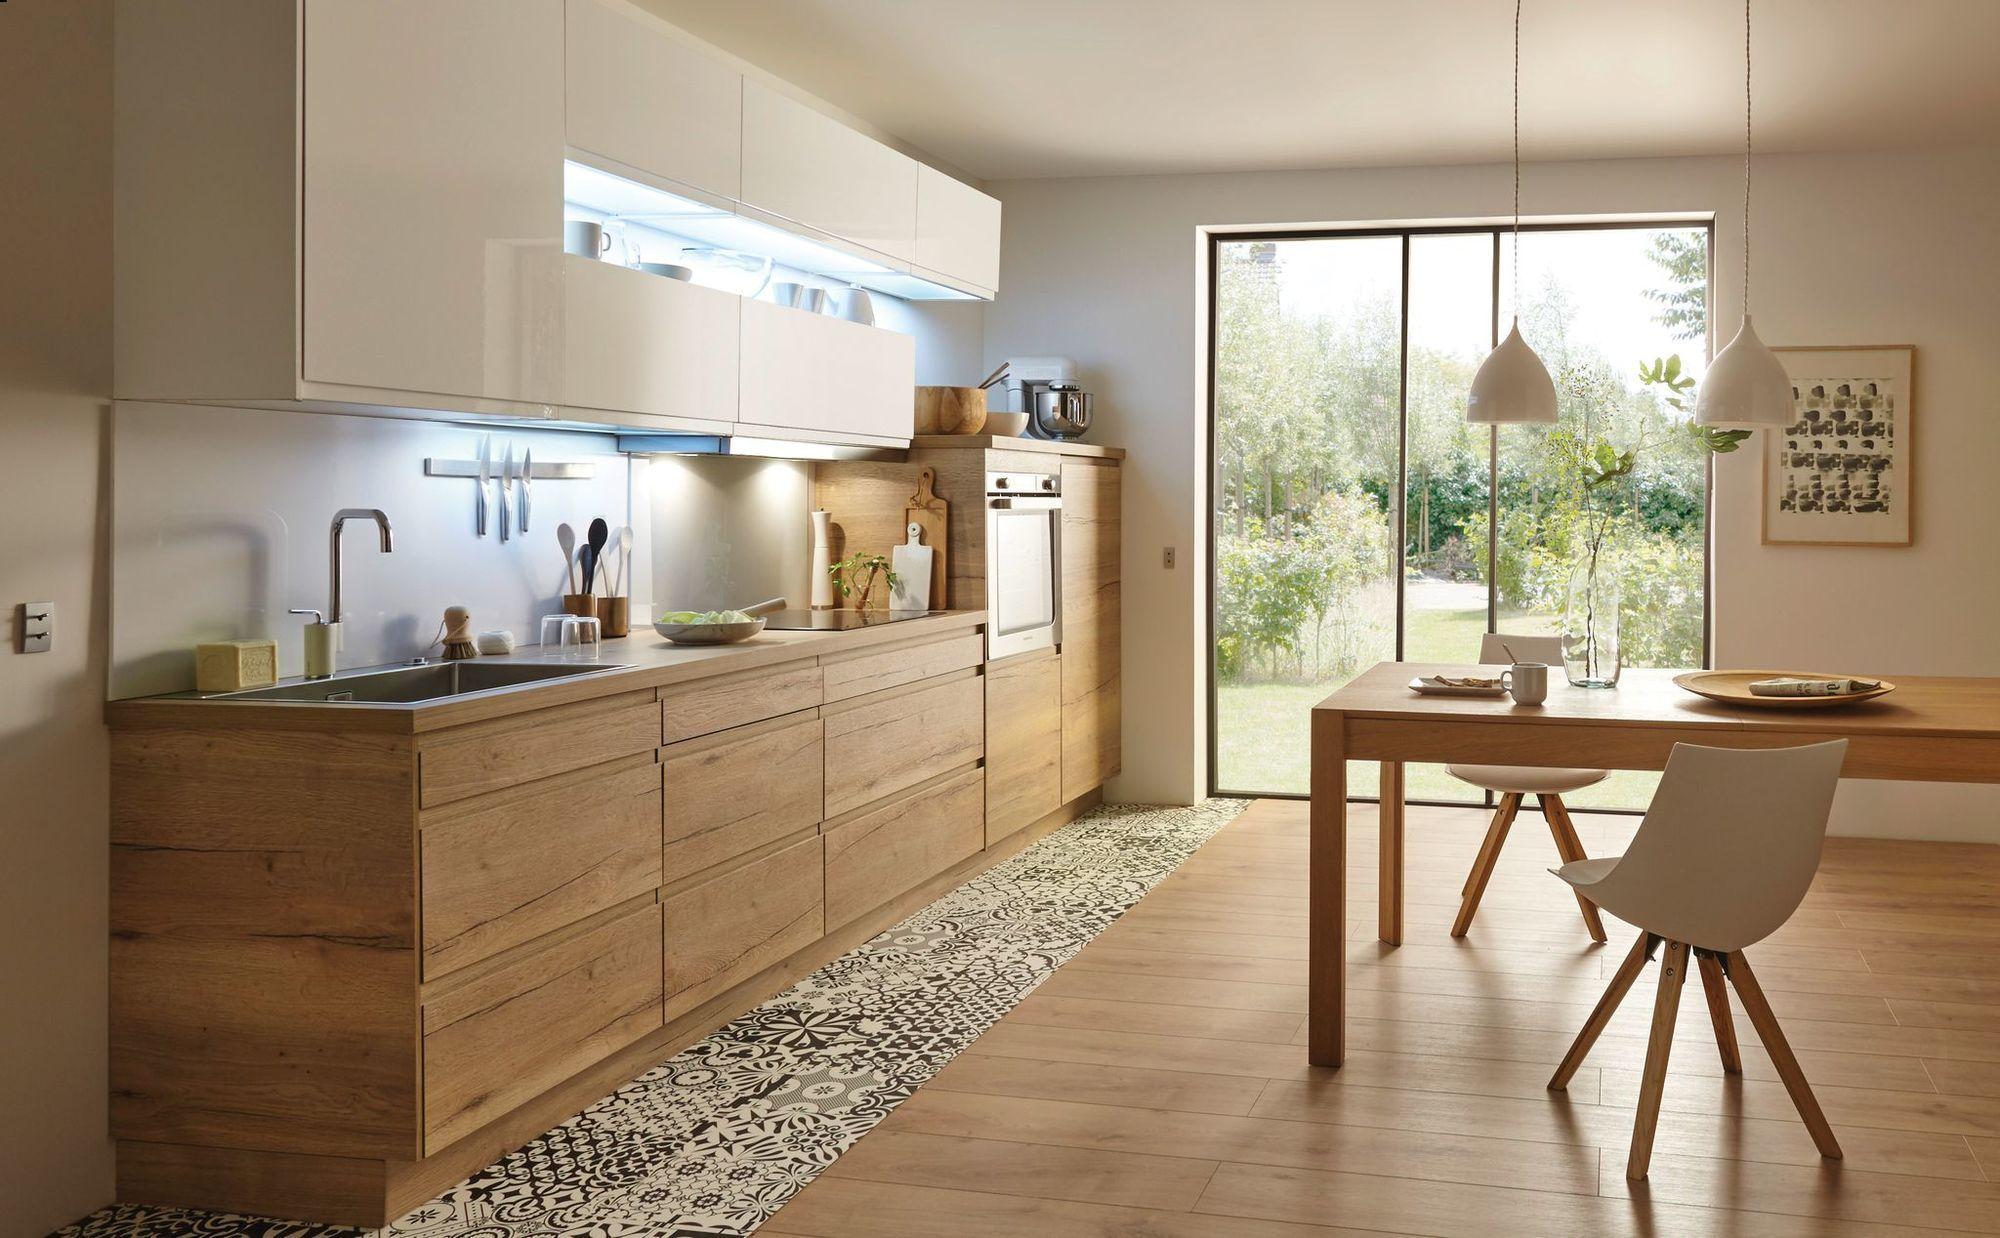 Mélange de bois et de blanc dans une cuisine contemporaine